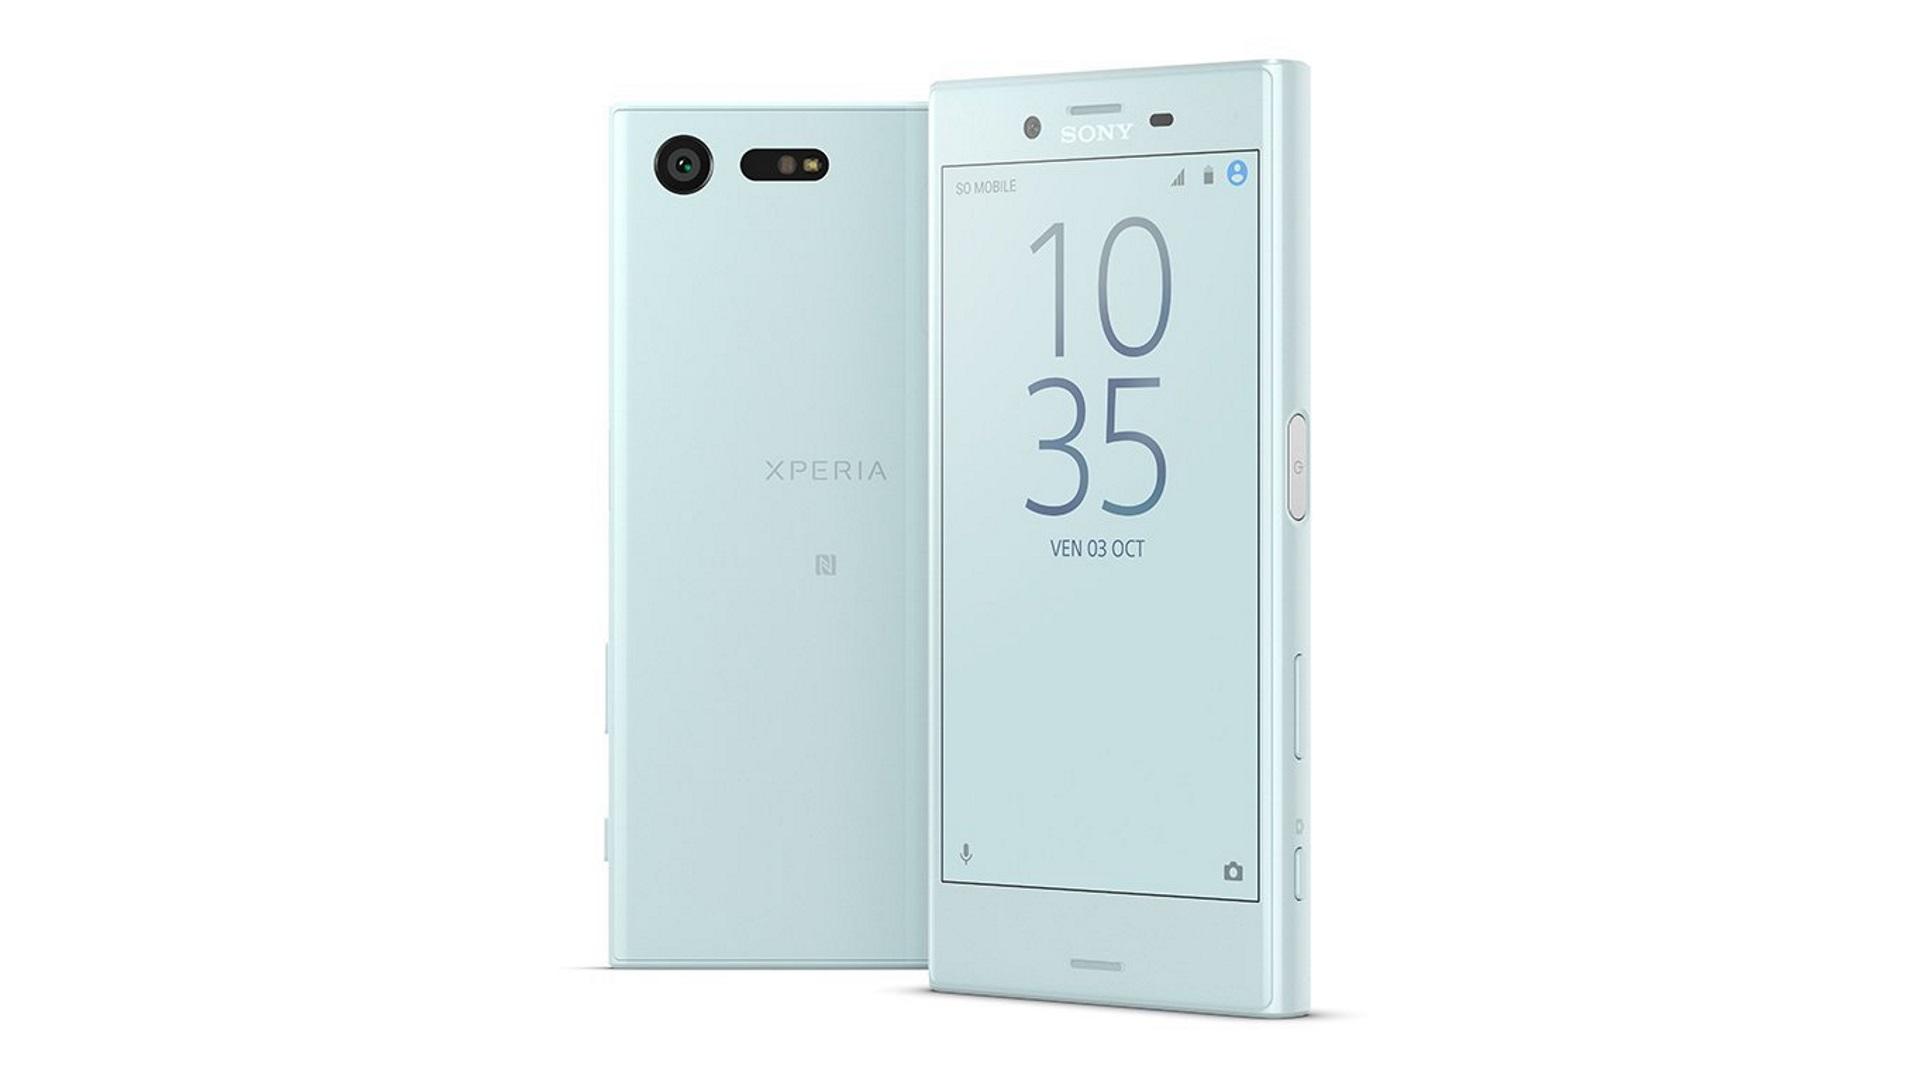 フランスAmazon.fr「Xperia X Compact(F5321)」が大幅値下げ、カラーのよっては40,000円以下で直輸入可能に